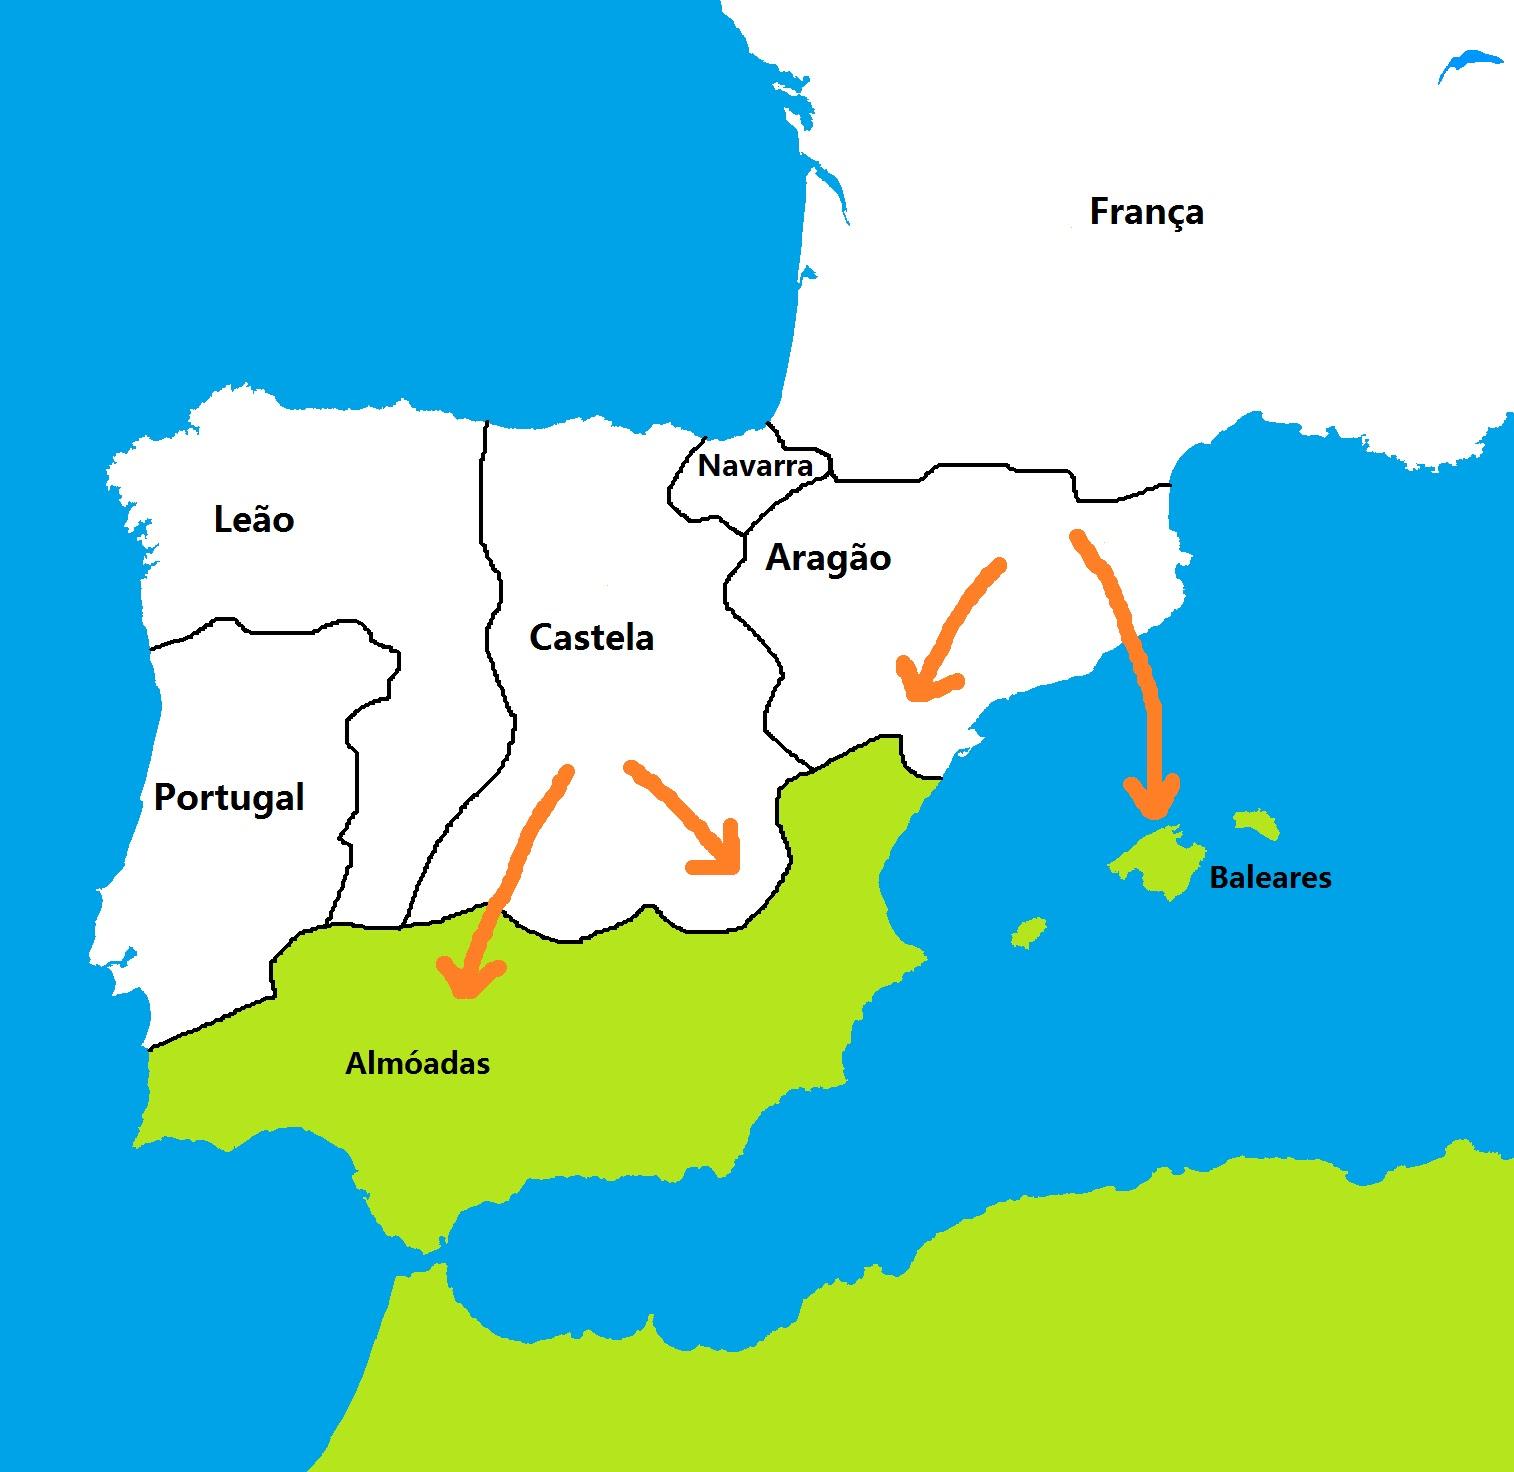 Dinastia dos Almôadas